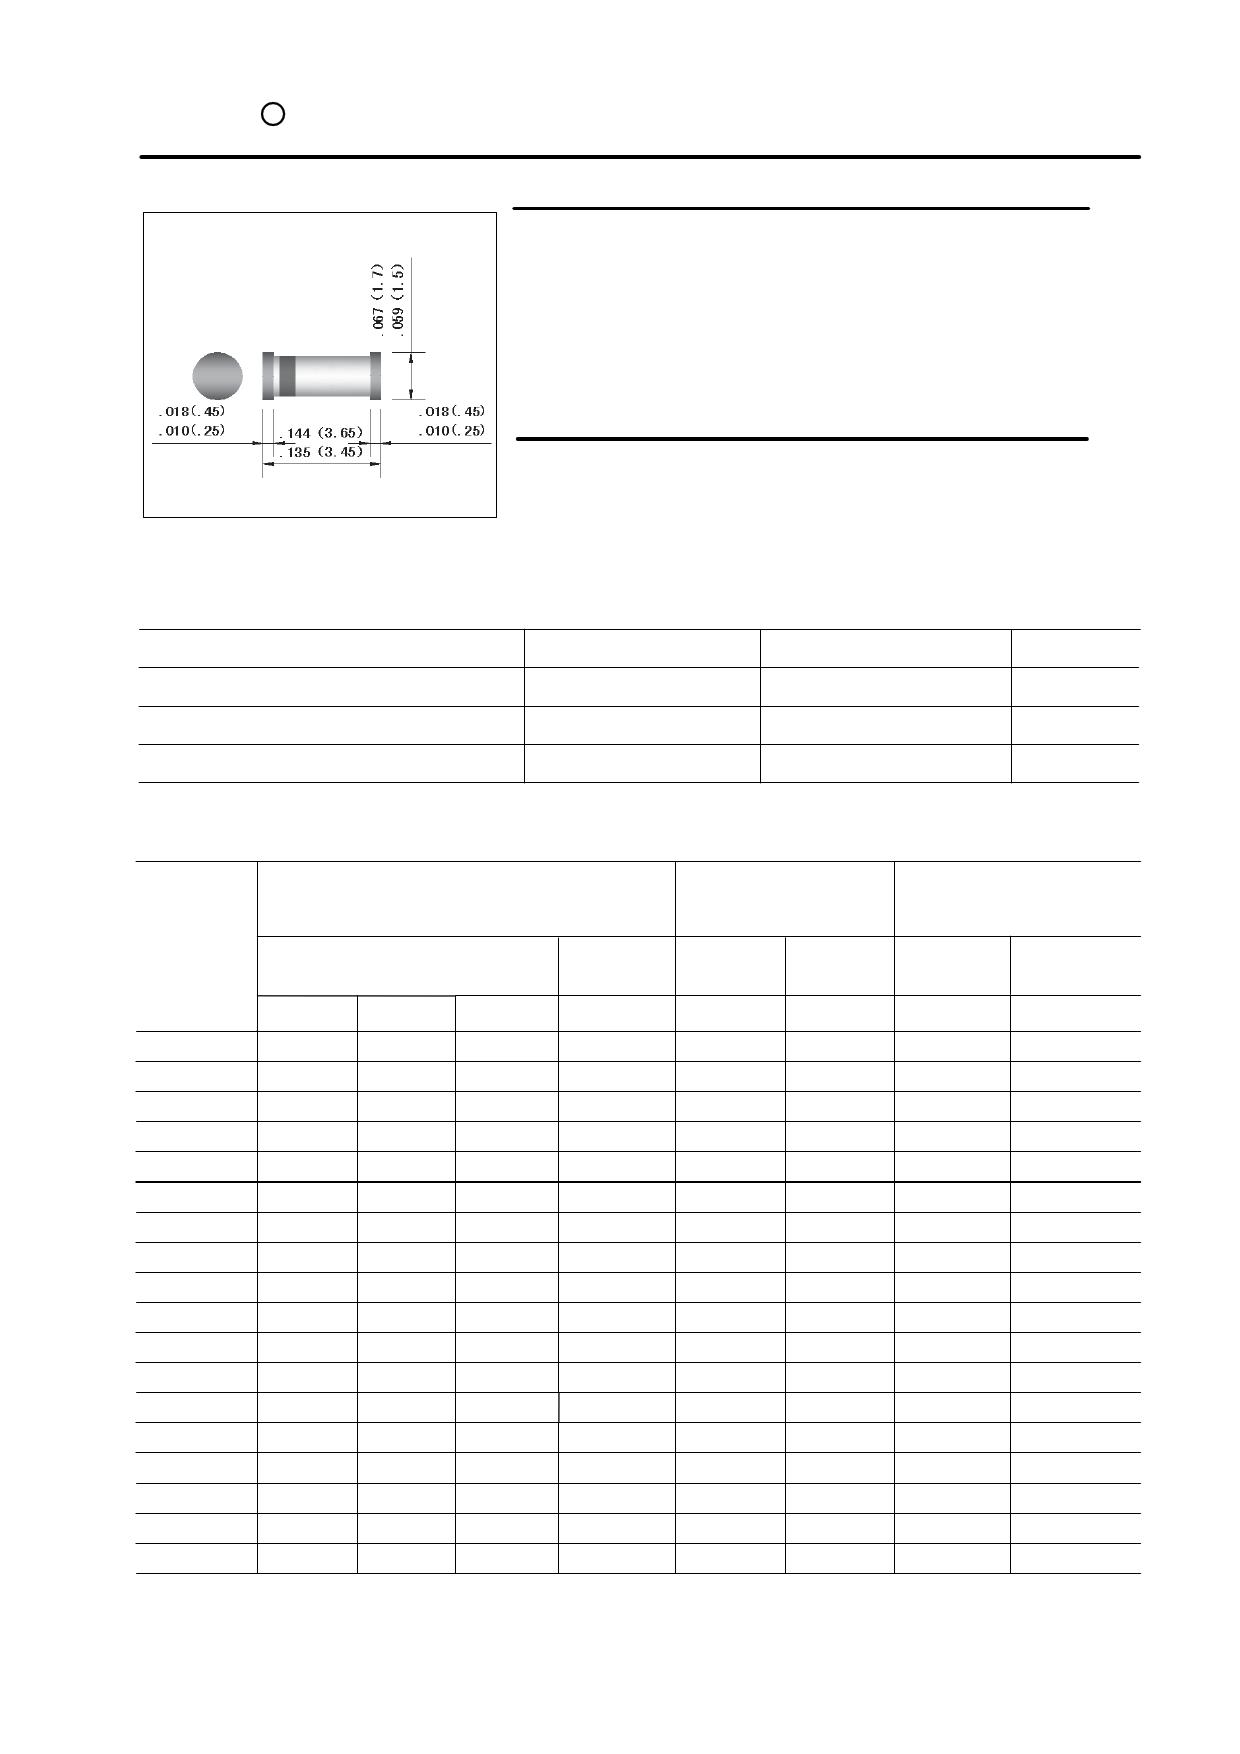 ZMM5223B datasheet